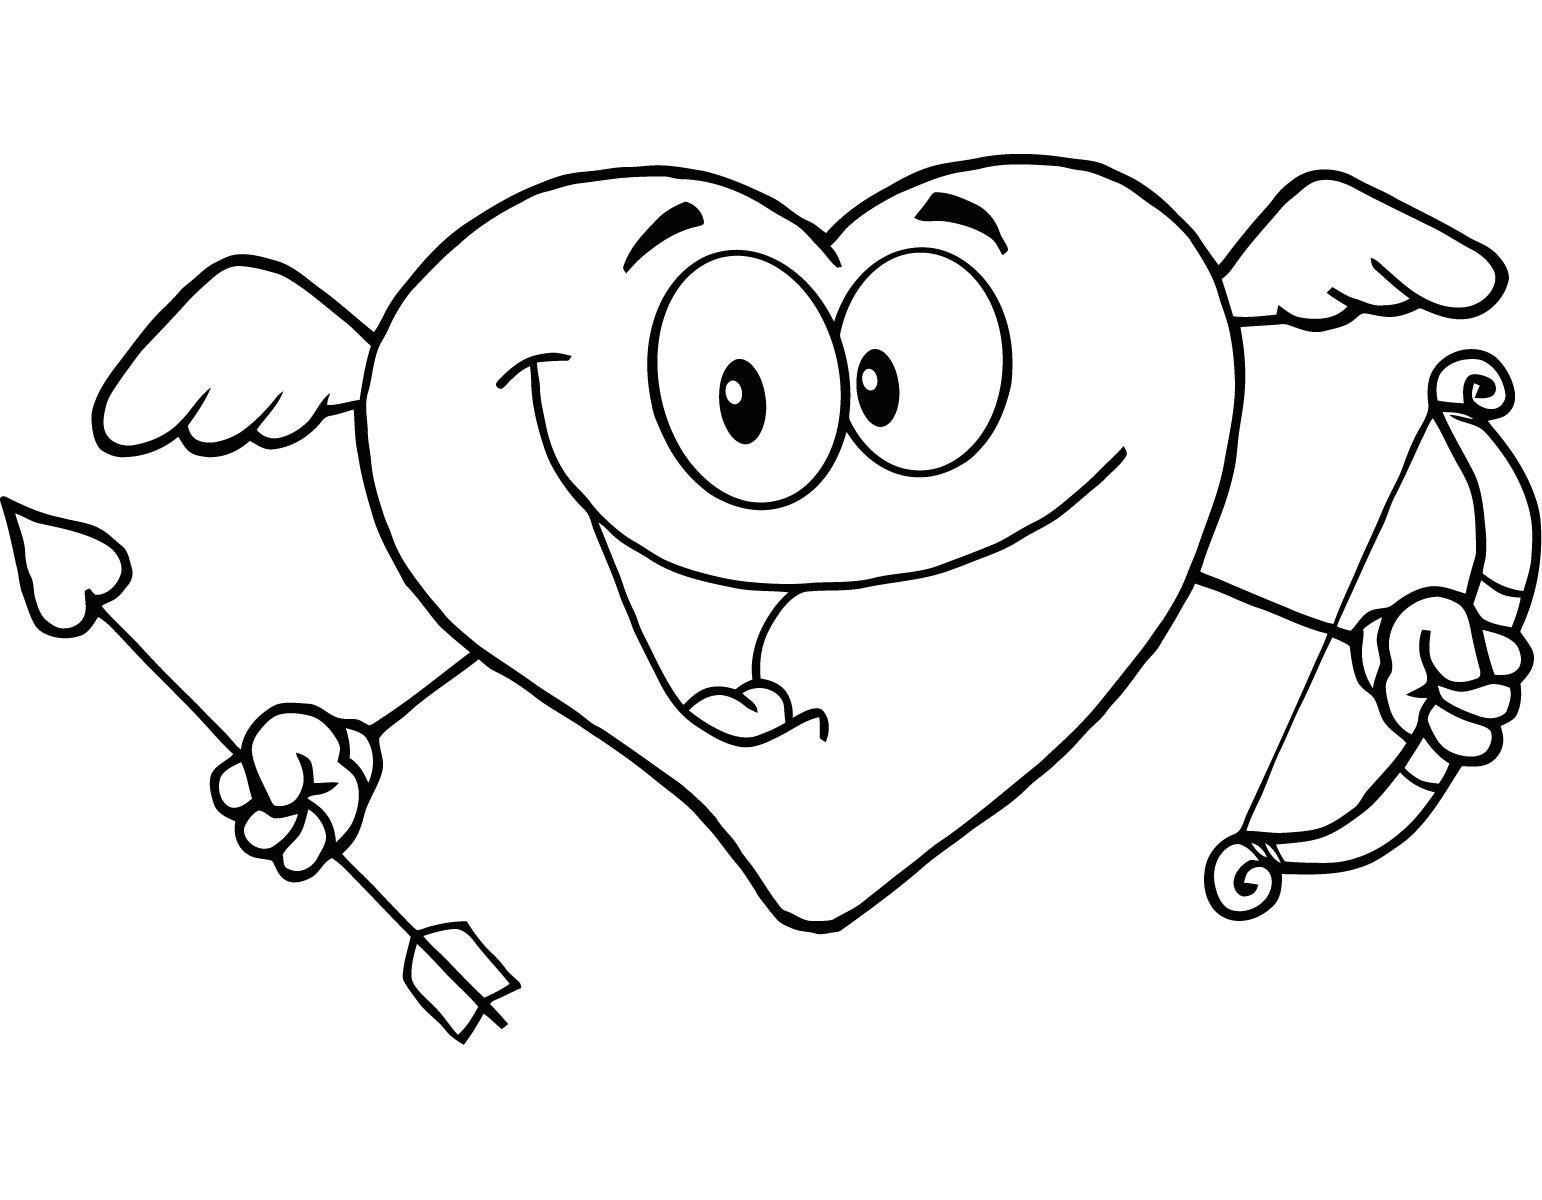 Imagenes de corazones de amor para colorear   Imprimir   Imagenes ...